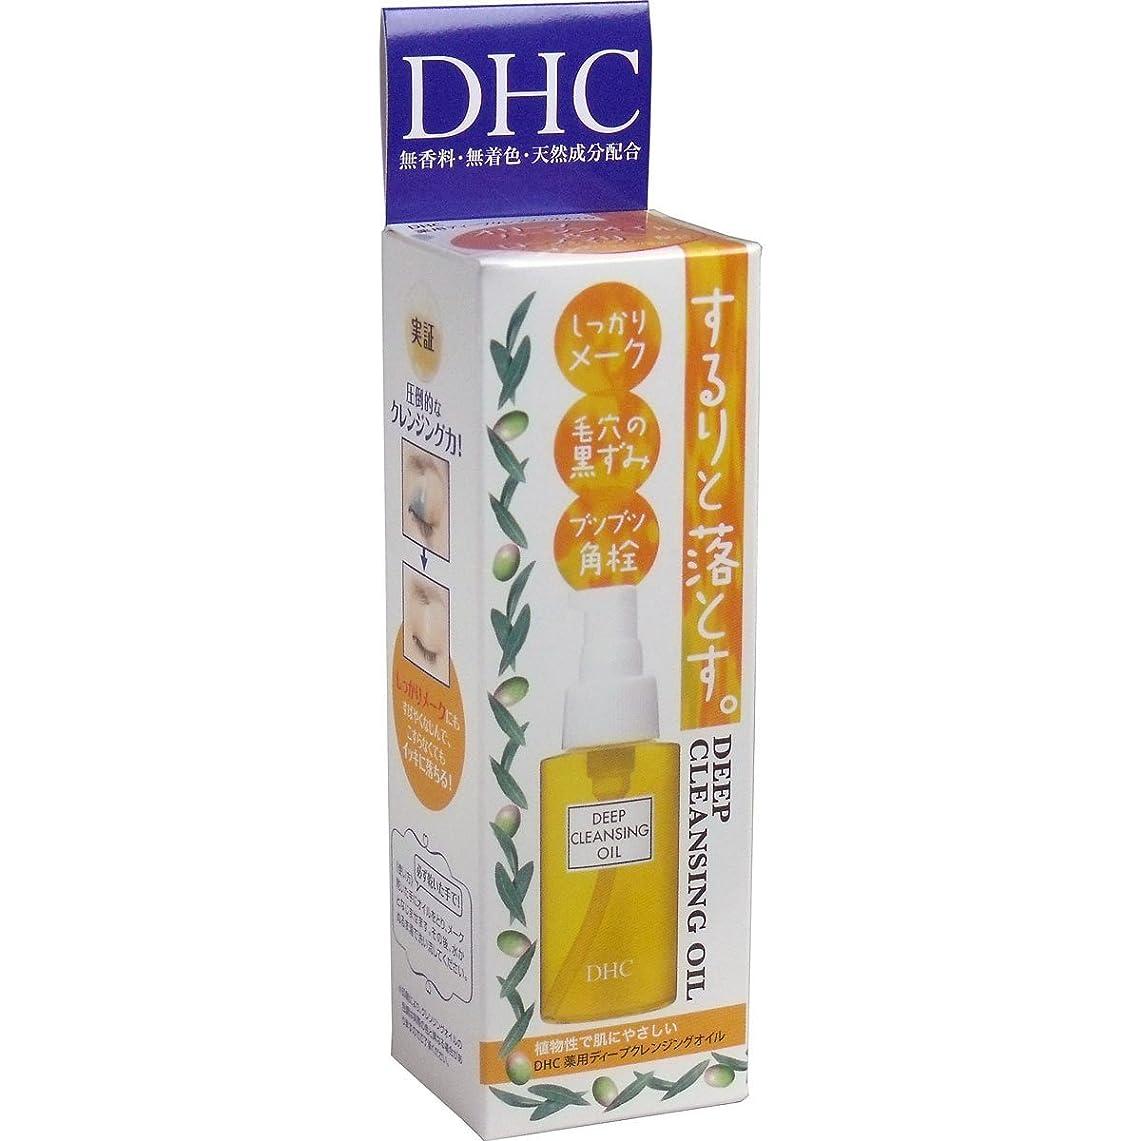 ラフ睡眠対処するスケルトンDHC 薬用ディープクレンジングオイル 70mL (商品内訳:単品1個)